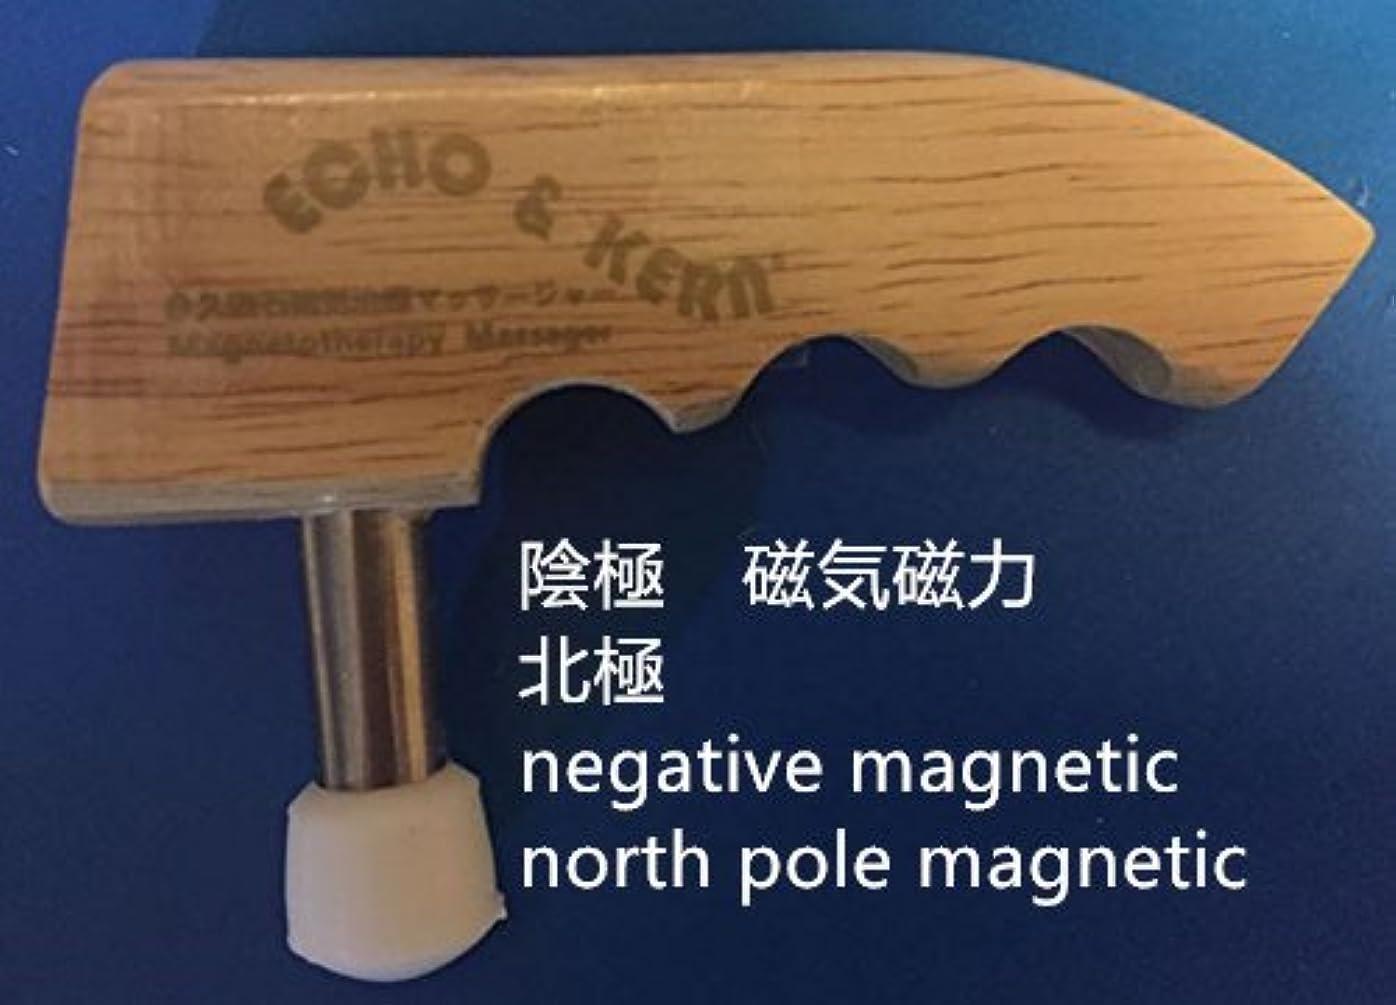 本能誰でもセブンMagnetic T shape acupuncture tool, north pole、negative (magnetotherapy)Echo & Kern 木のハンドル排酸棒,陰極磁気棒,陰極磁力排酸棒北極磁気...